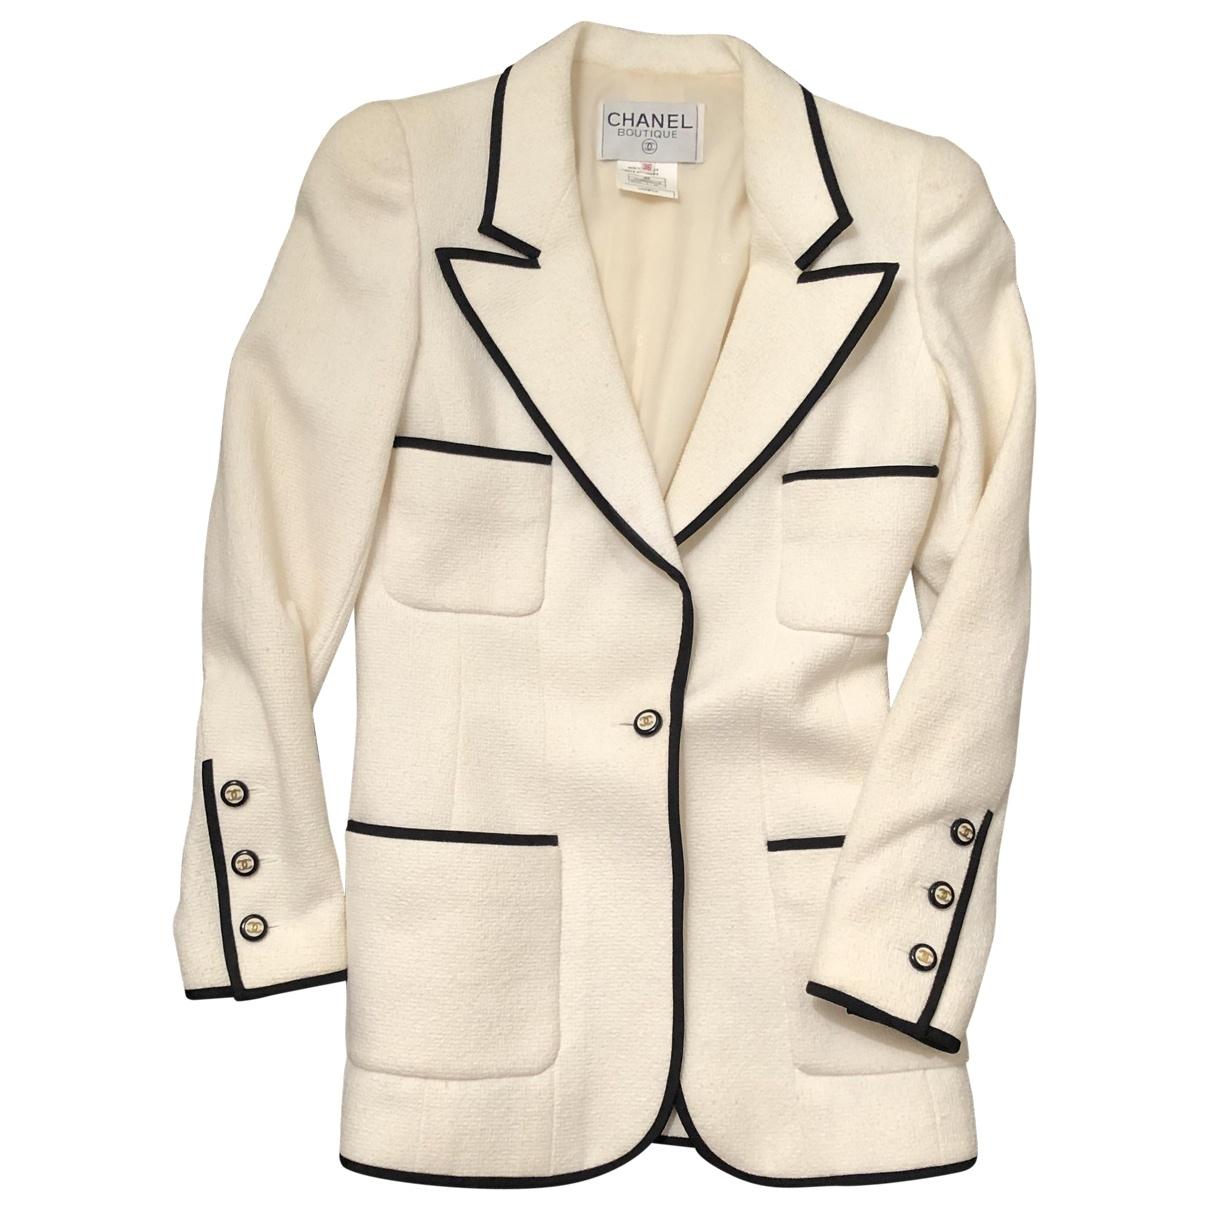 Chanel \N Beige Cotton jacket for Women 36 FR